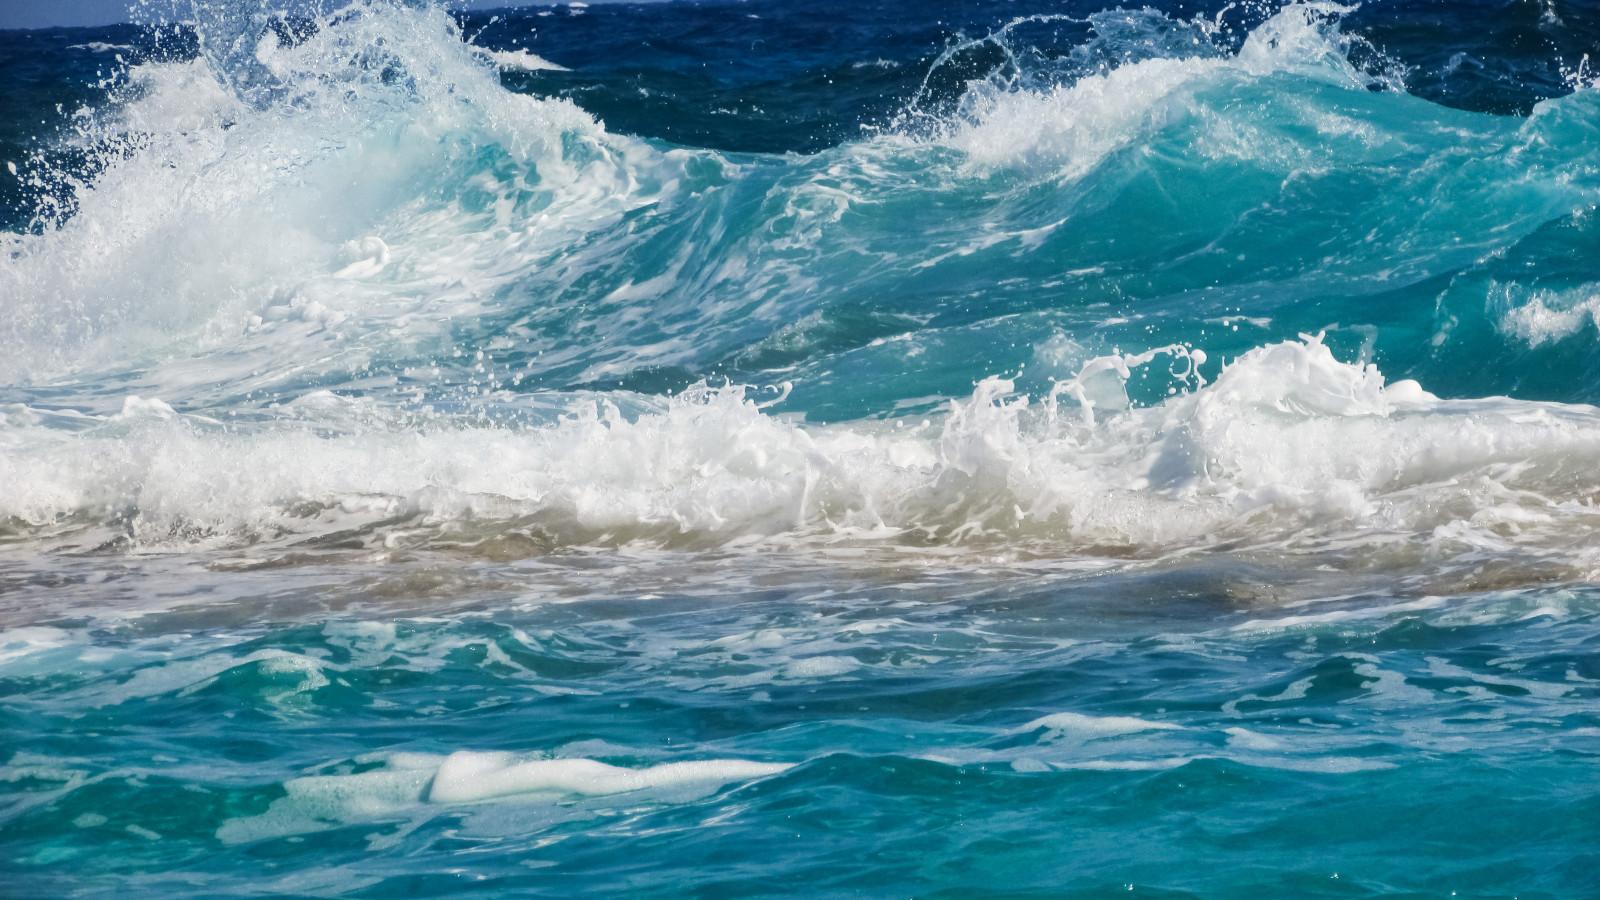 Fond d'écran : mer, vagues, côte, mousse, Le surf, vague, Rapide, Vague de vent, océan Arctique ...